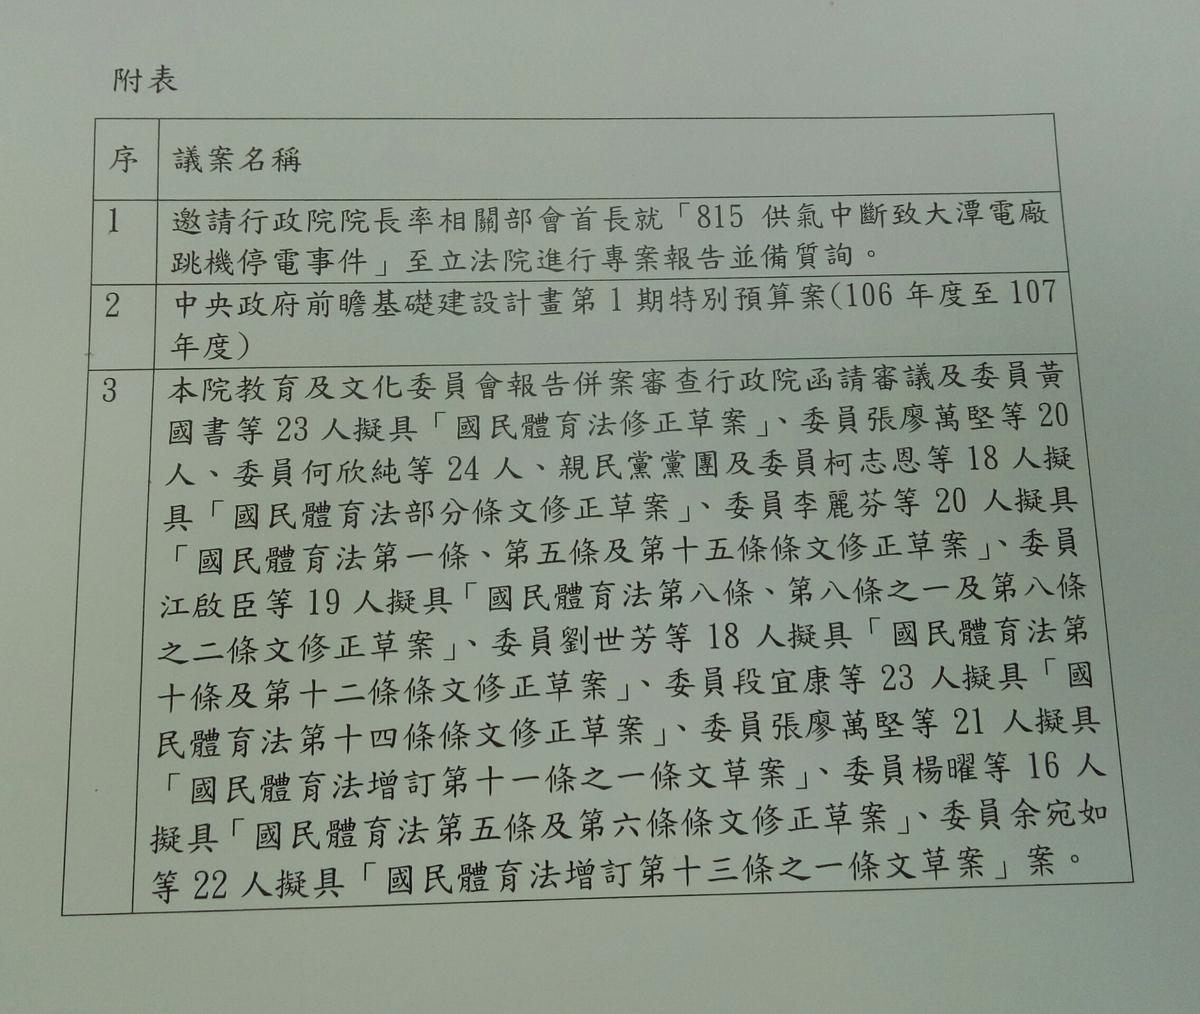 民進黨的新版臨時會提案,將邀行政院長林全報告跳電案納入議程。